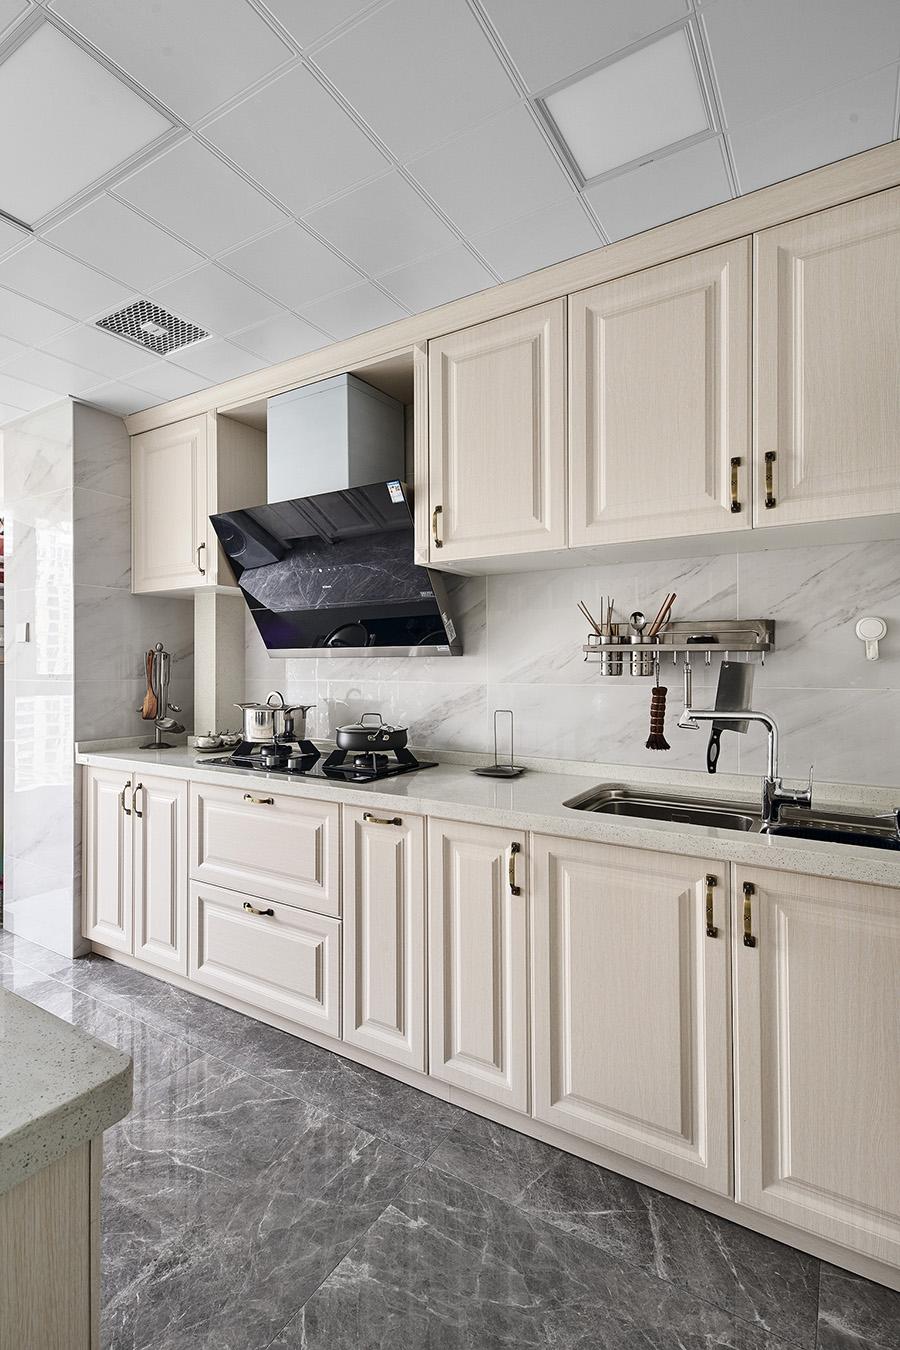 厨房呈现一字型设计,整体以白色橱柜为主调,在深色大理石地板的烘托中倍显优雅。